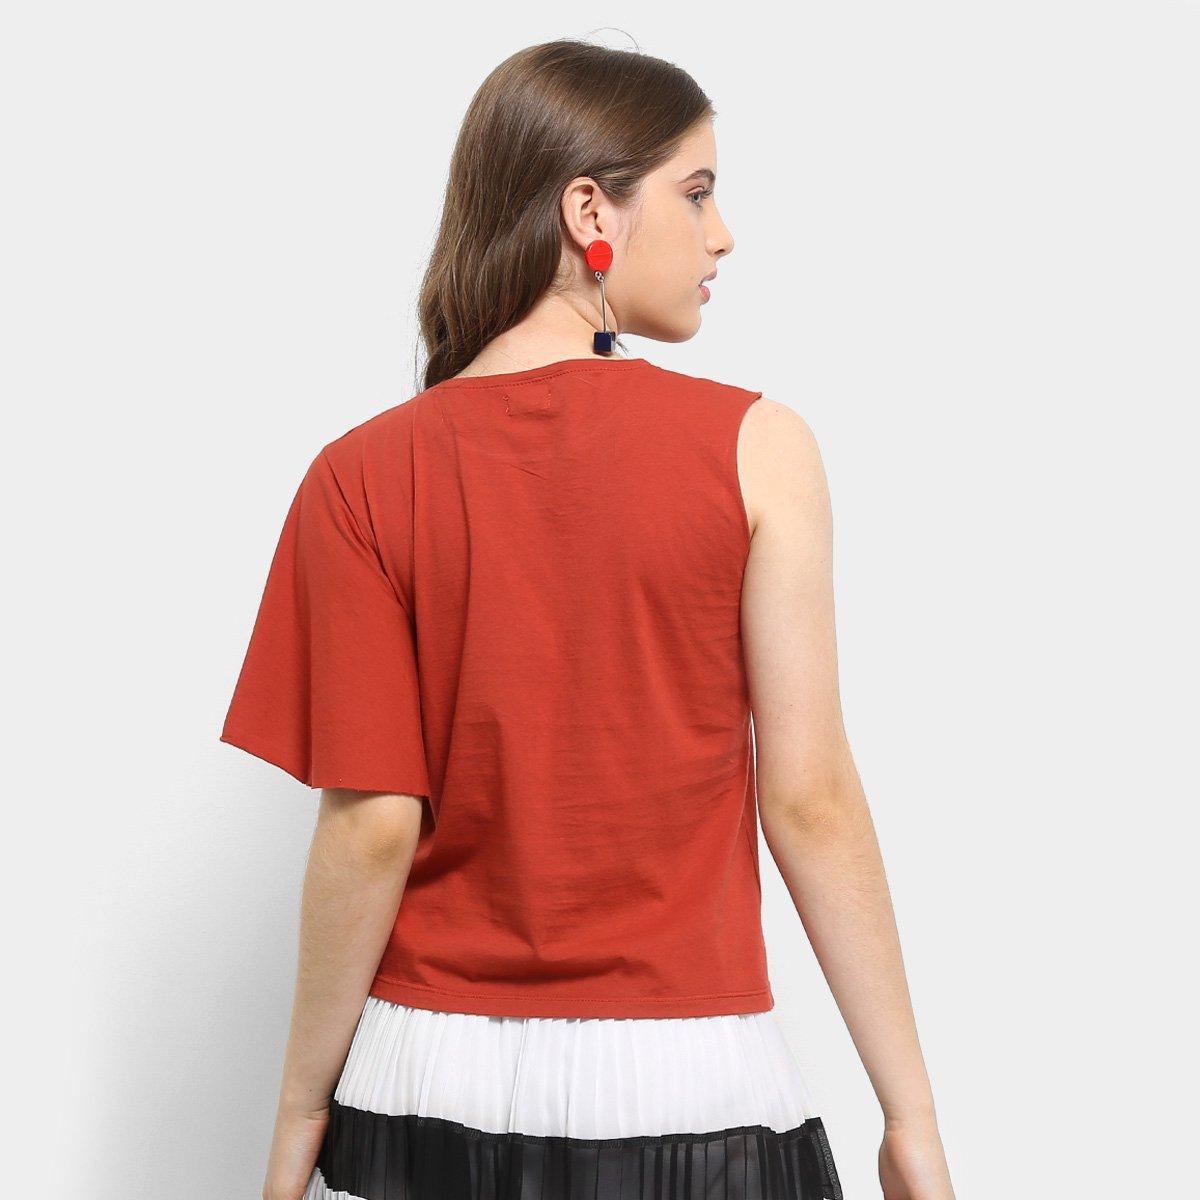 Assimétrica Laranja Feminina Camiseta Infantil Colcci Laranja Assimétrica Colcci Infantil Estampada Camiseta Feminina Estampada a1qxXw